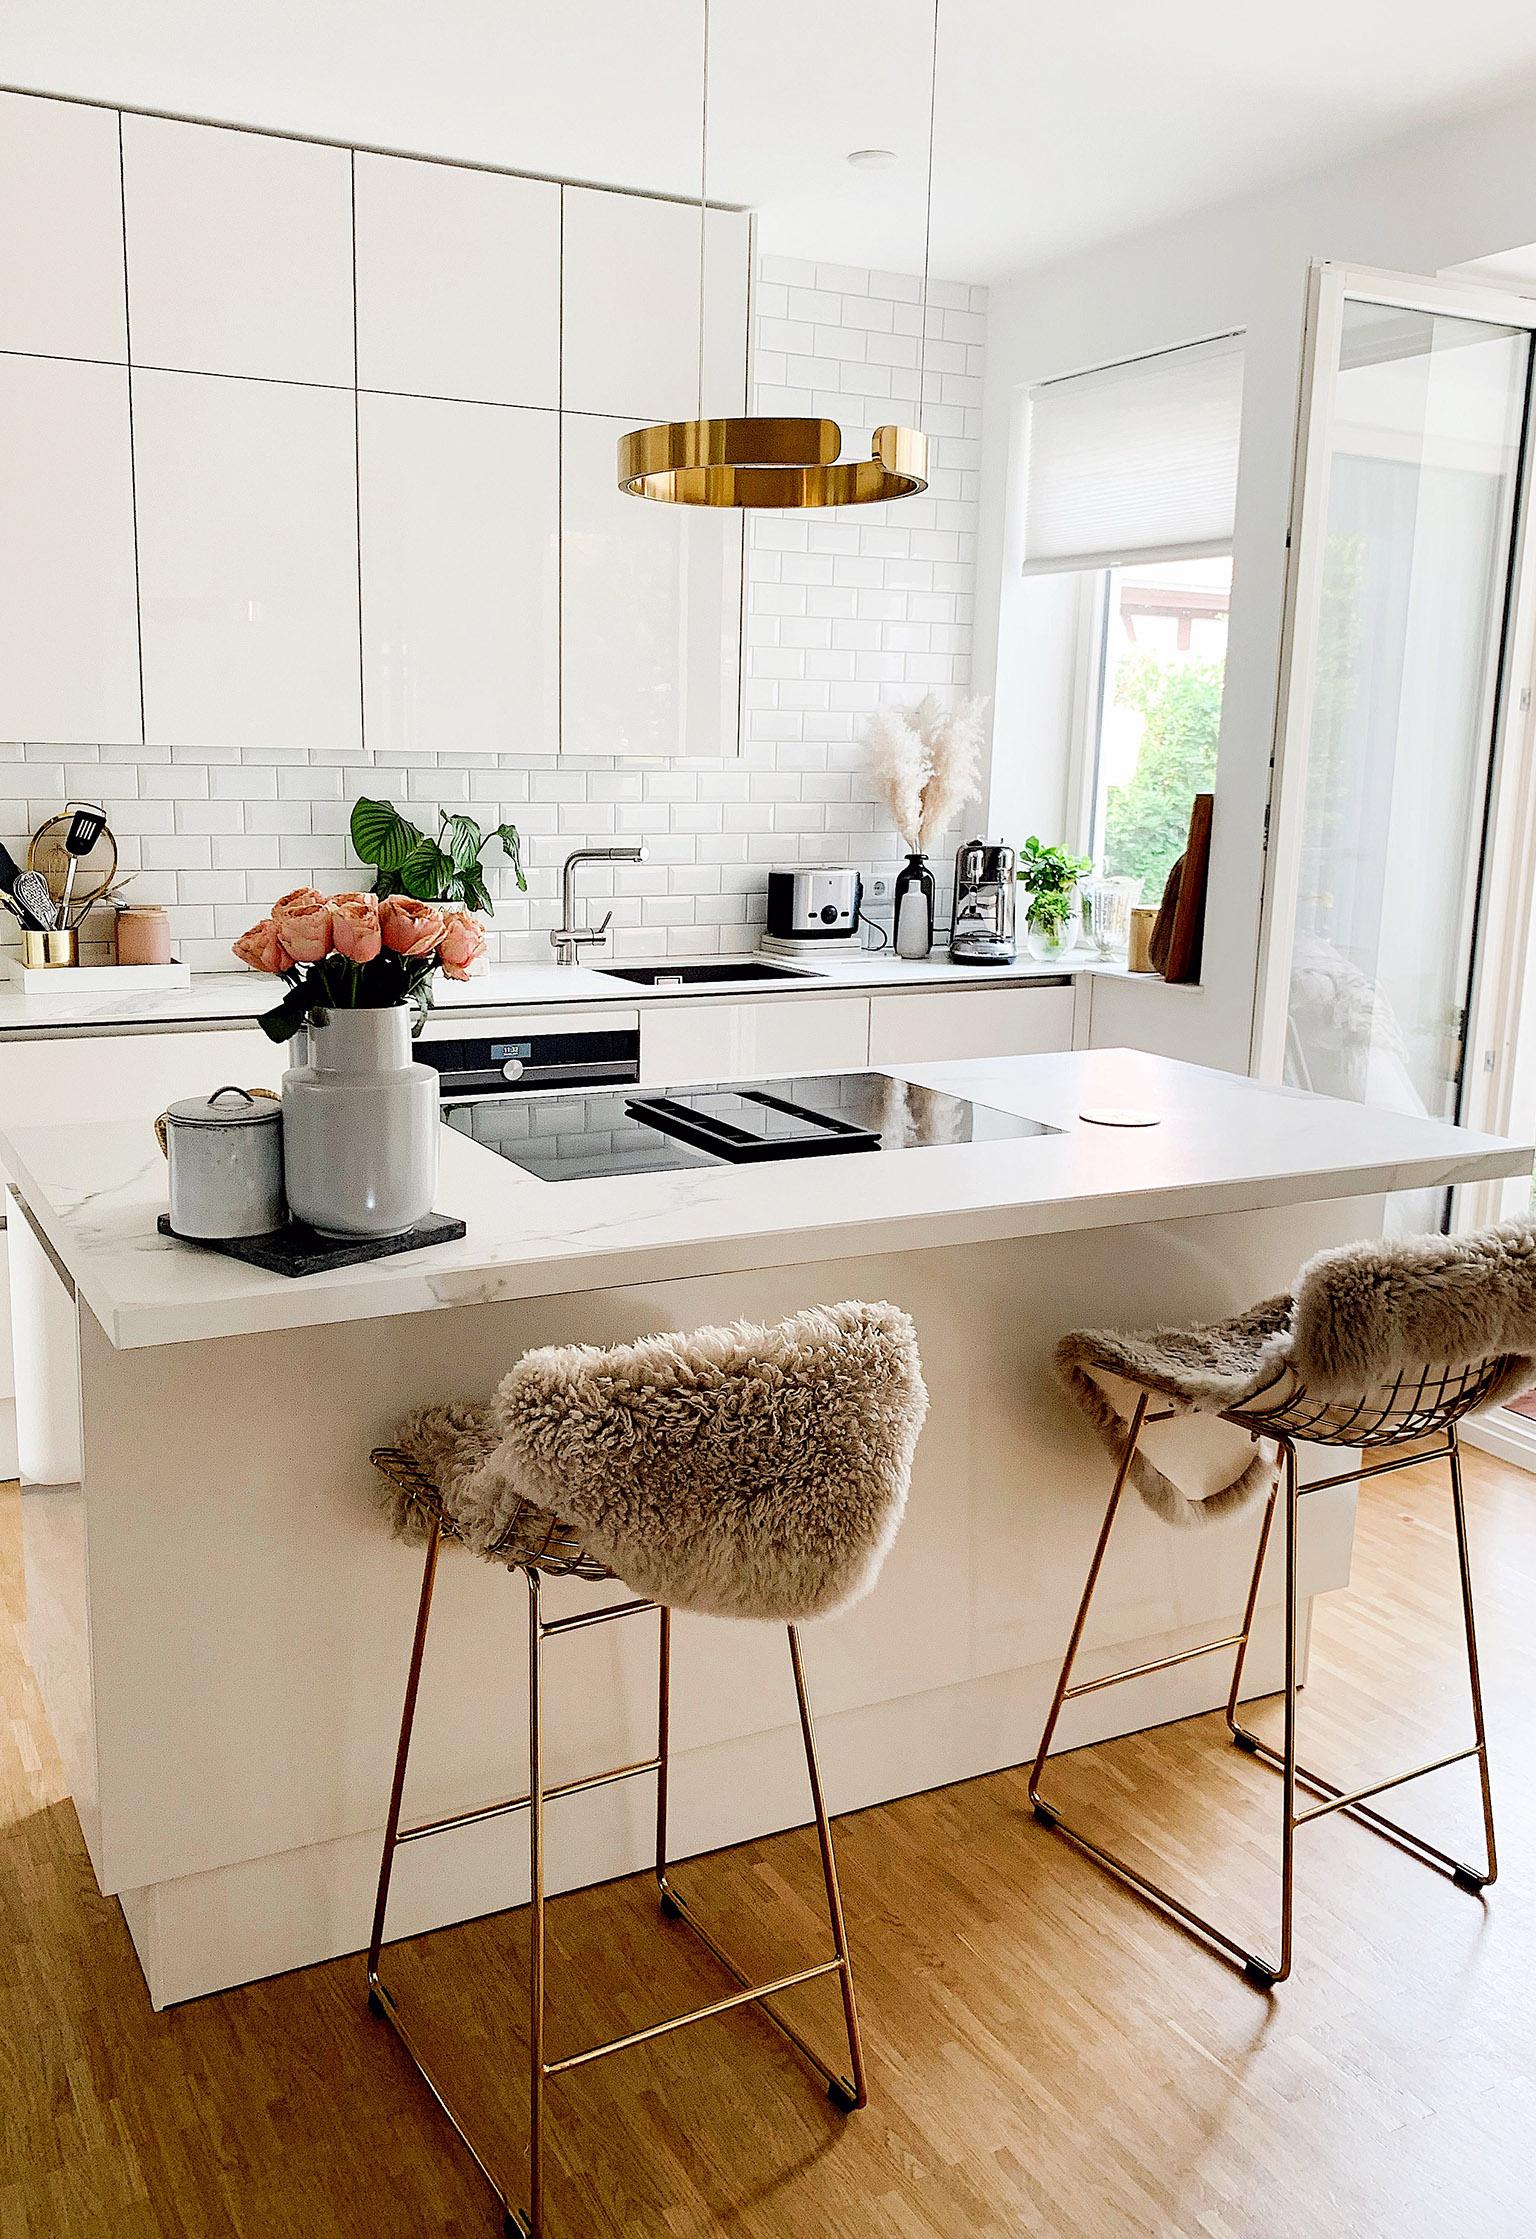 die erste eigene Küche im Studio designen